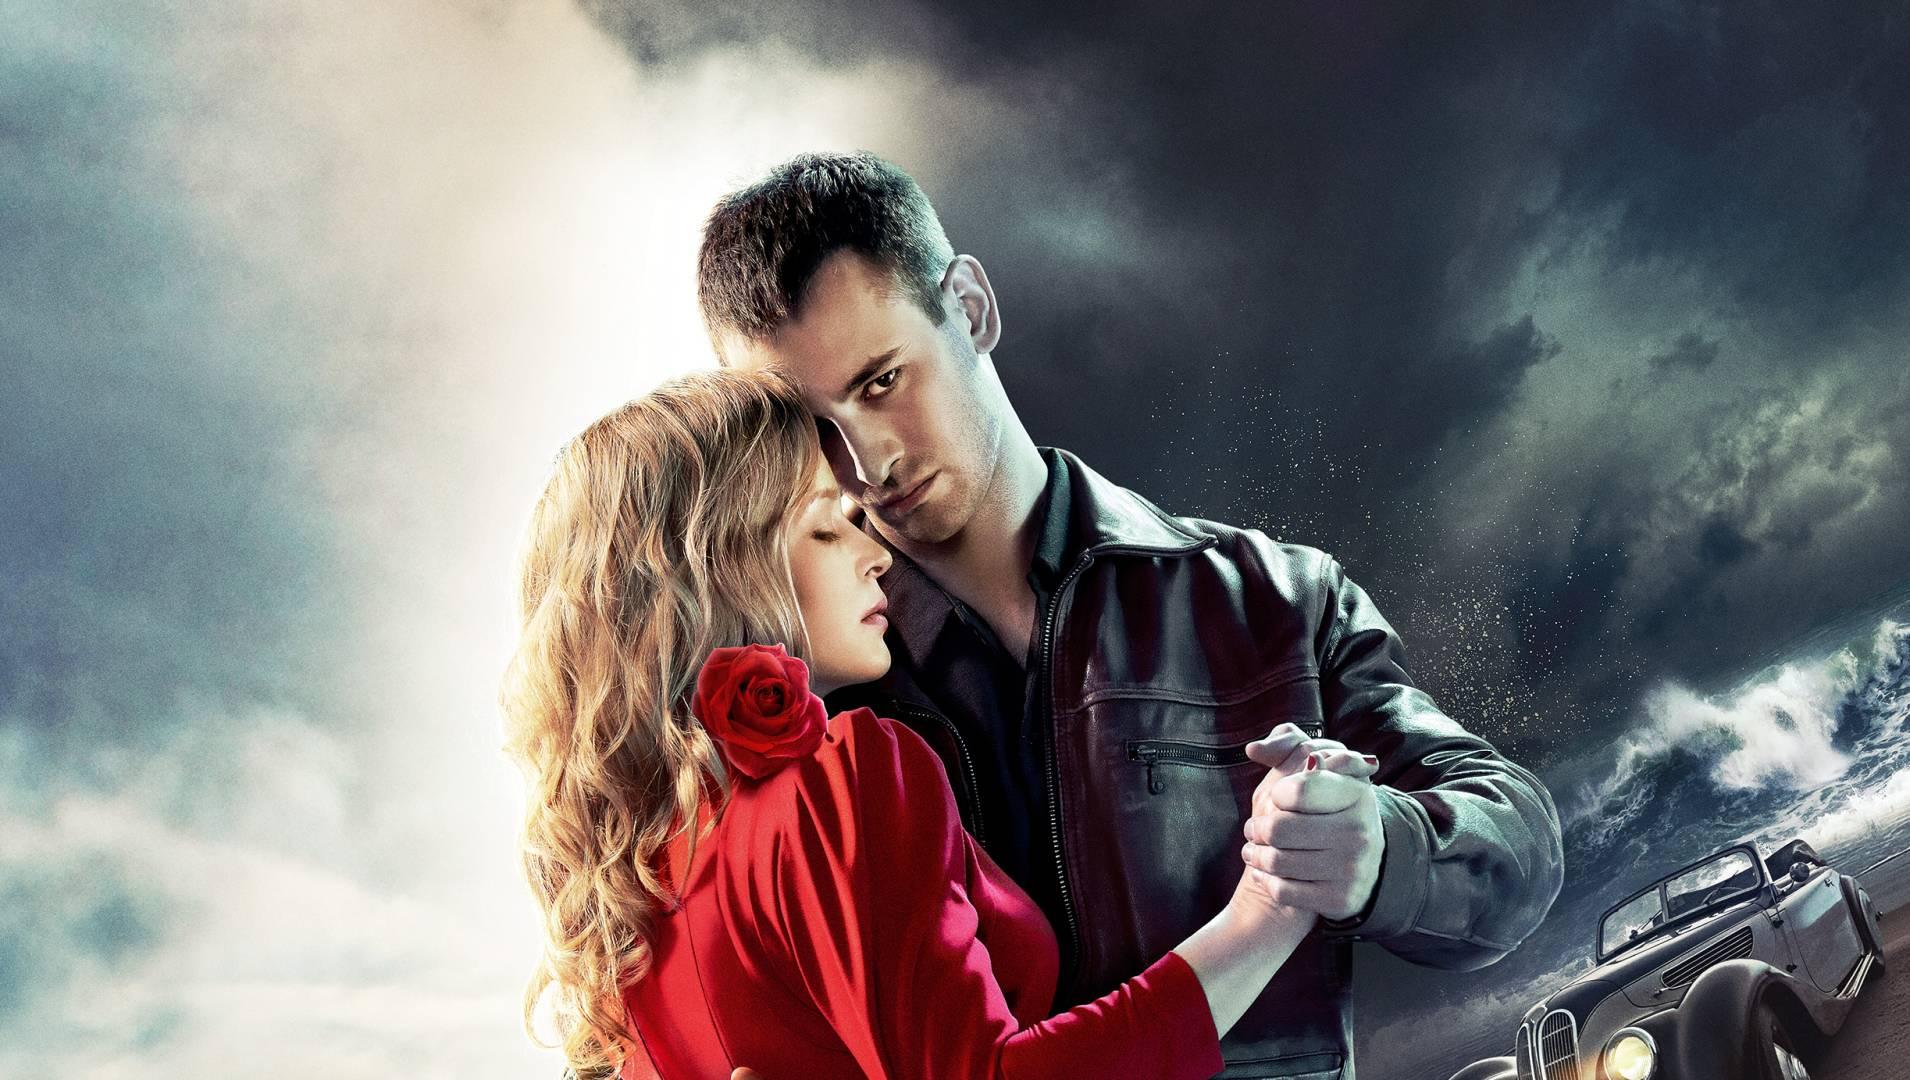 Холодное танго - Фильм